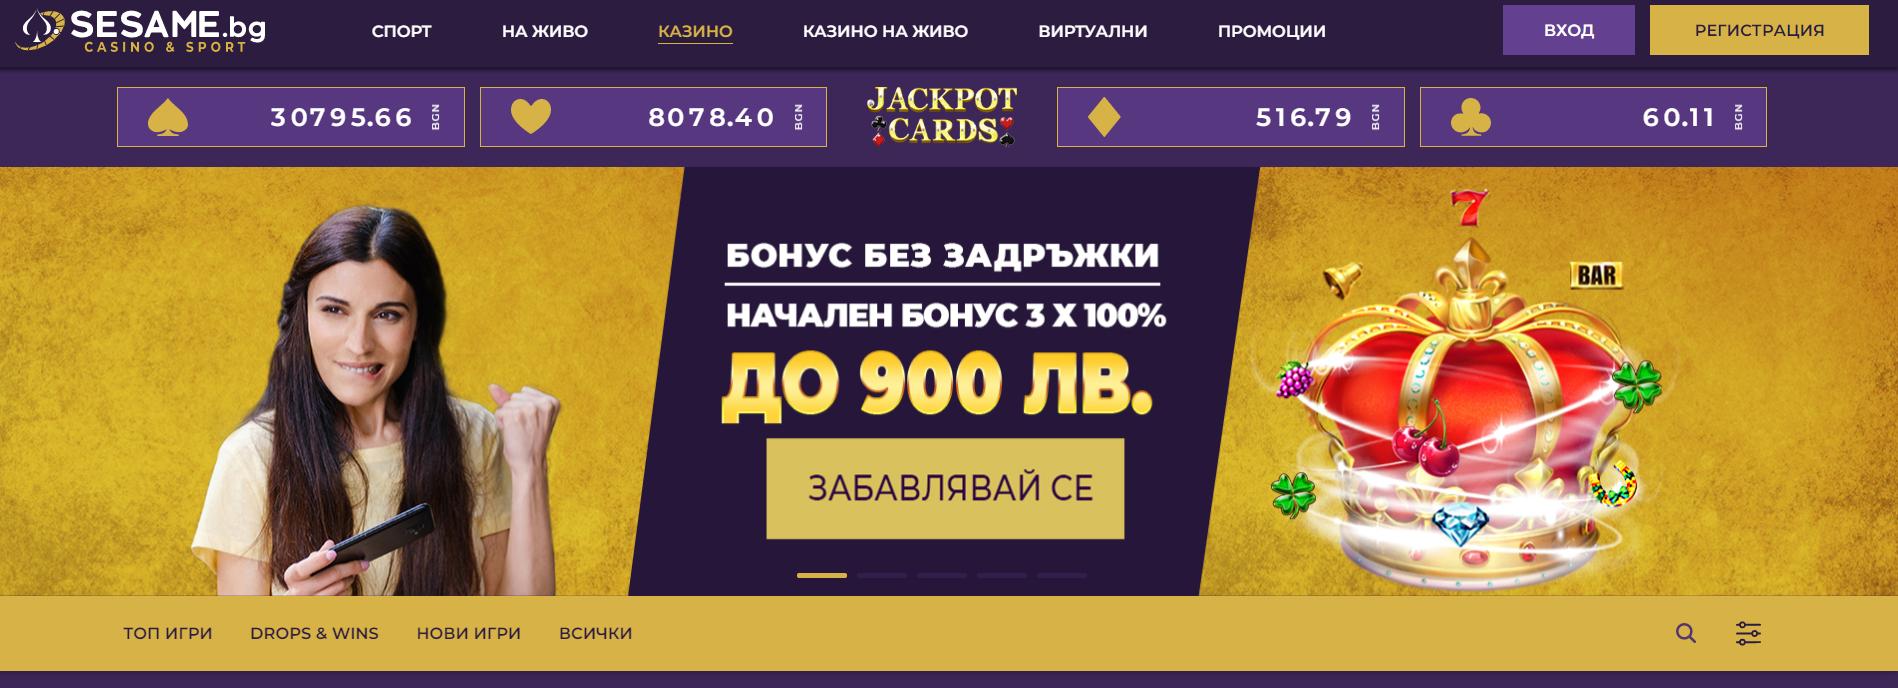 sesame casino nachalna stranitsa-komarbet.com